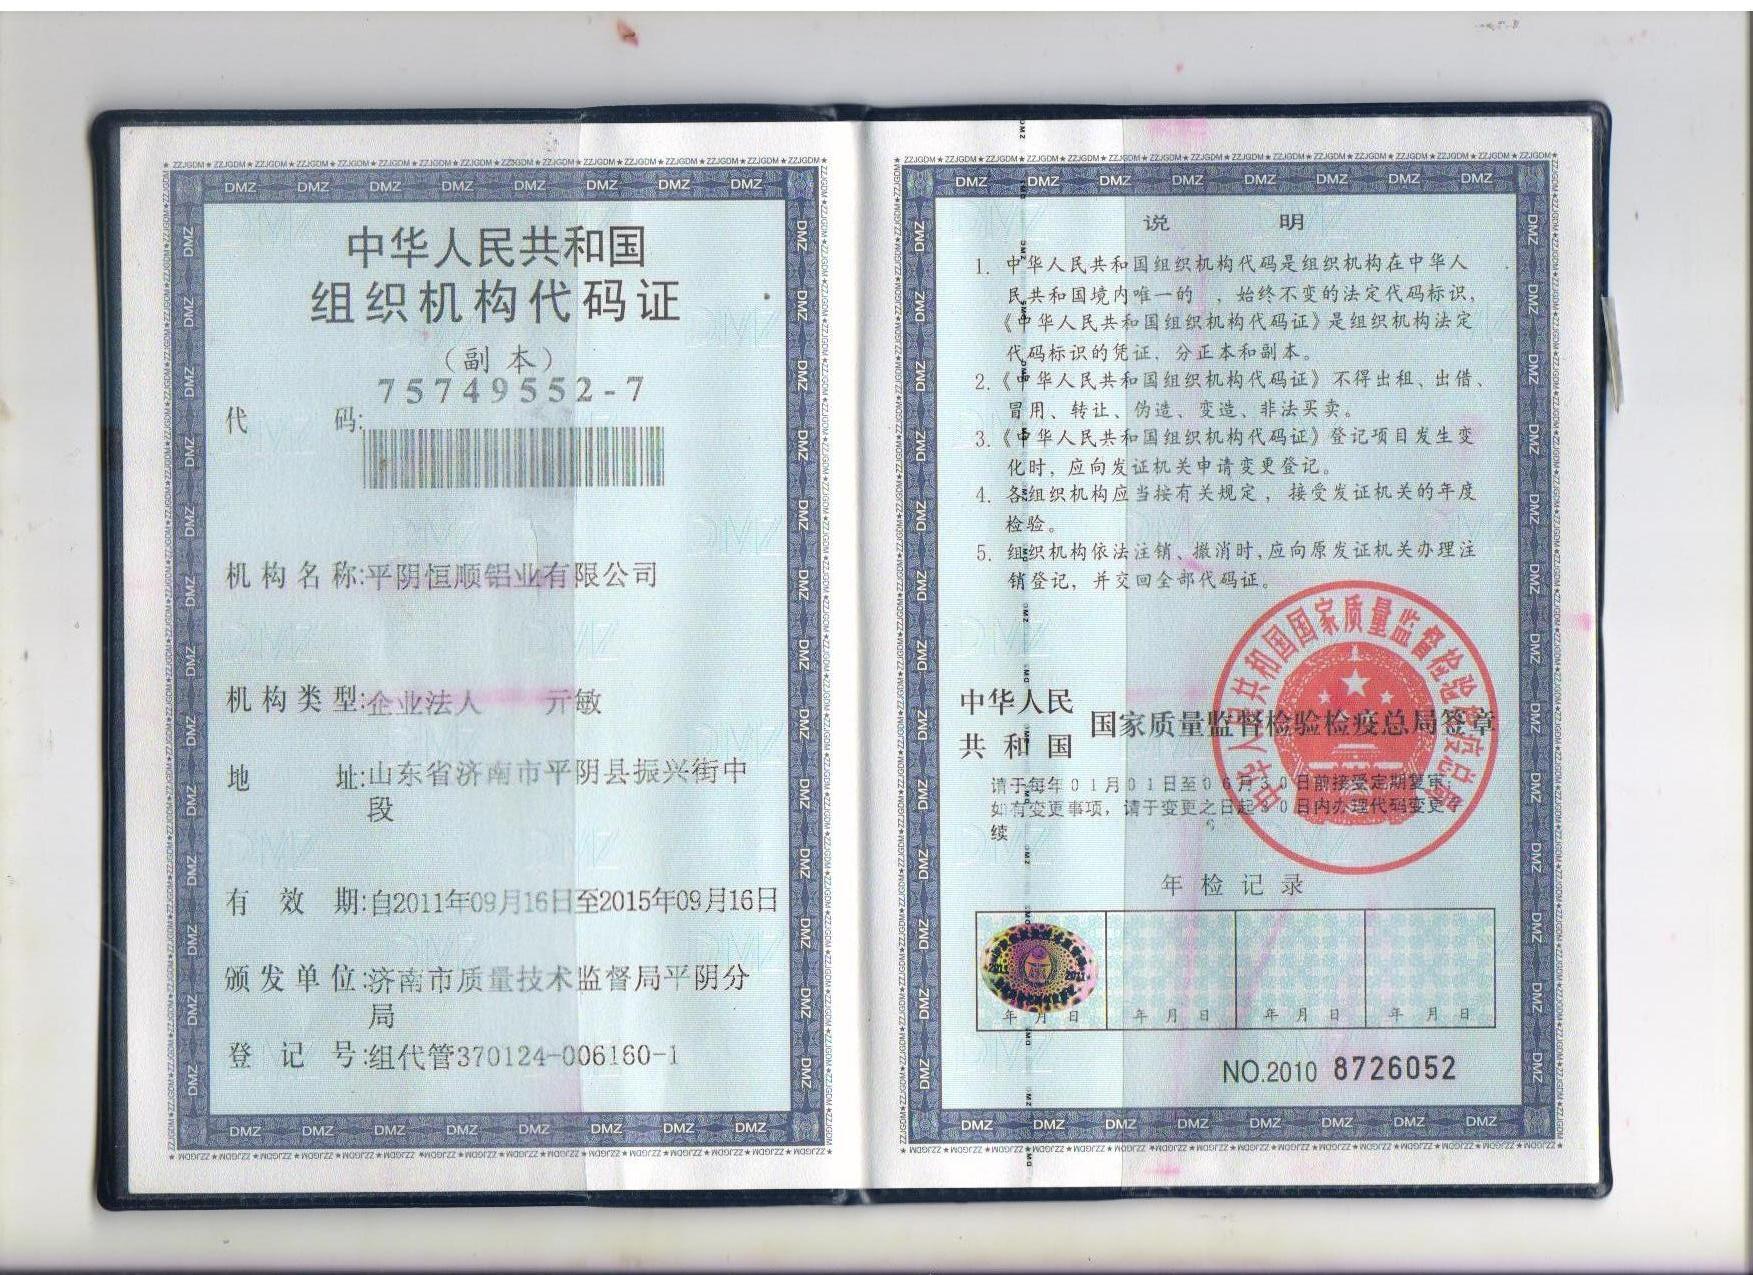 企业组织结构代码证